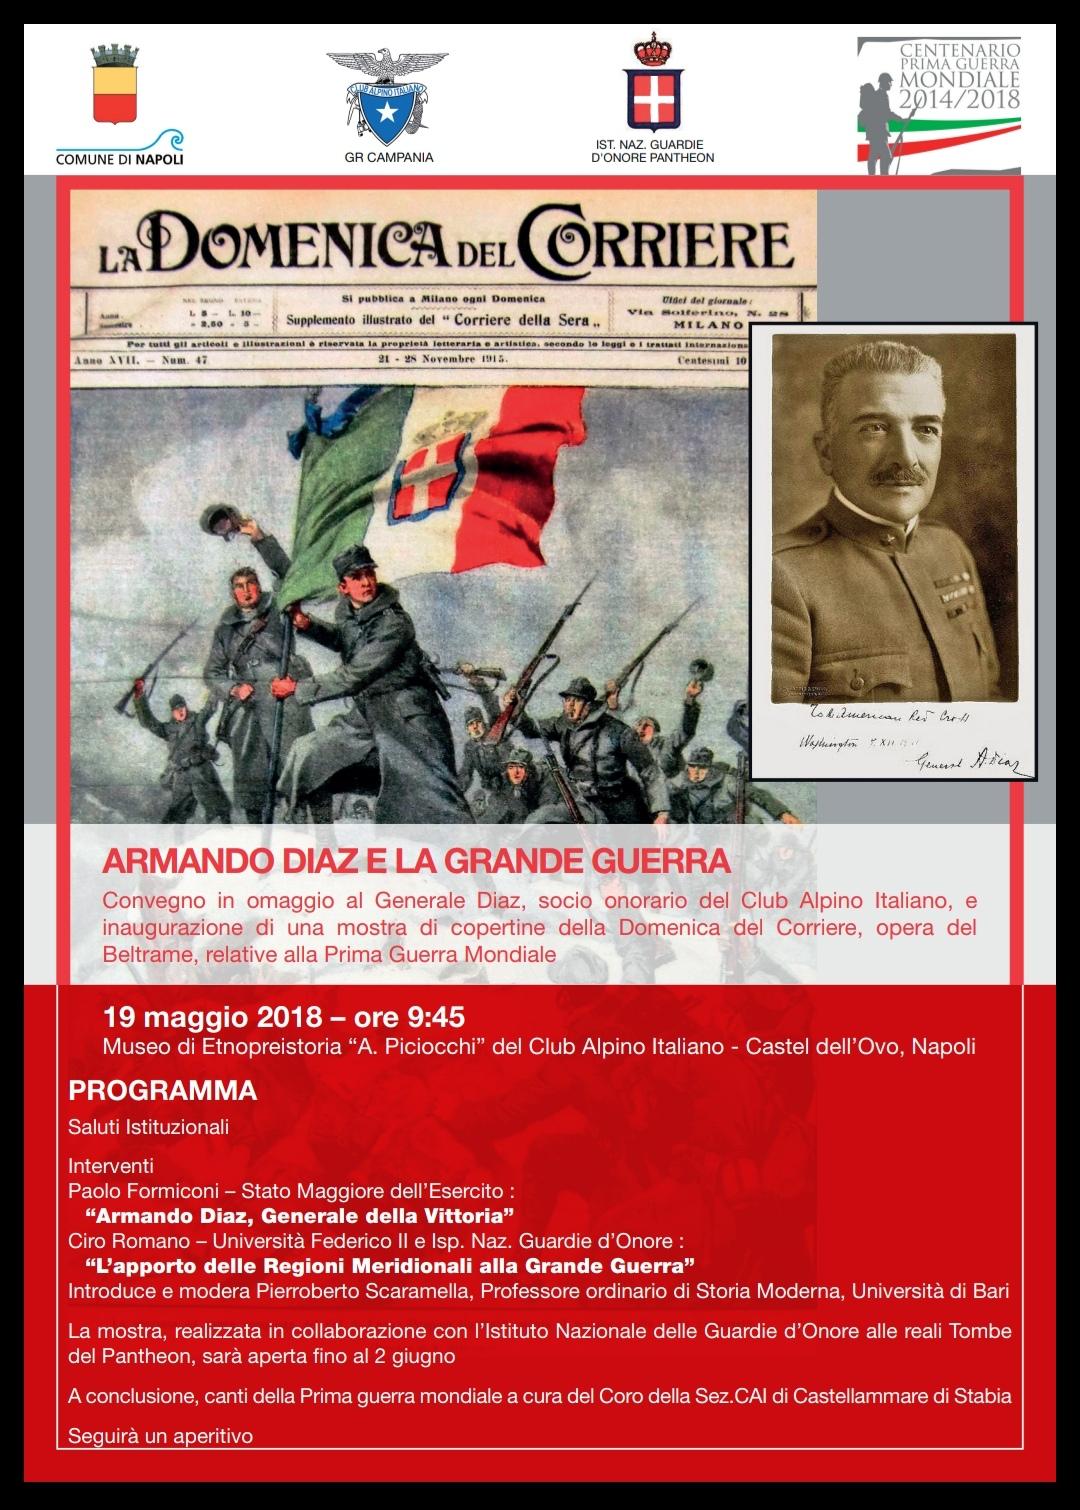 IMG 20180510 121431 CONVEGNO A NAPOLI SU ARMANDO DIAZ E LA GRANDE GUERRA AL CASTEL DELLOVO